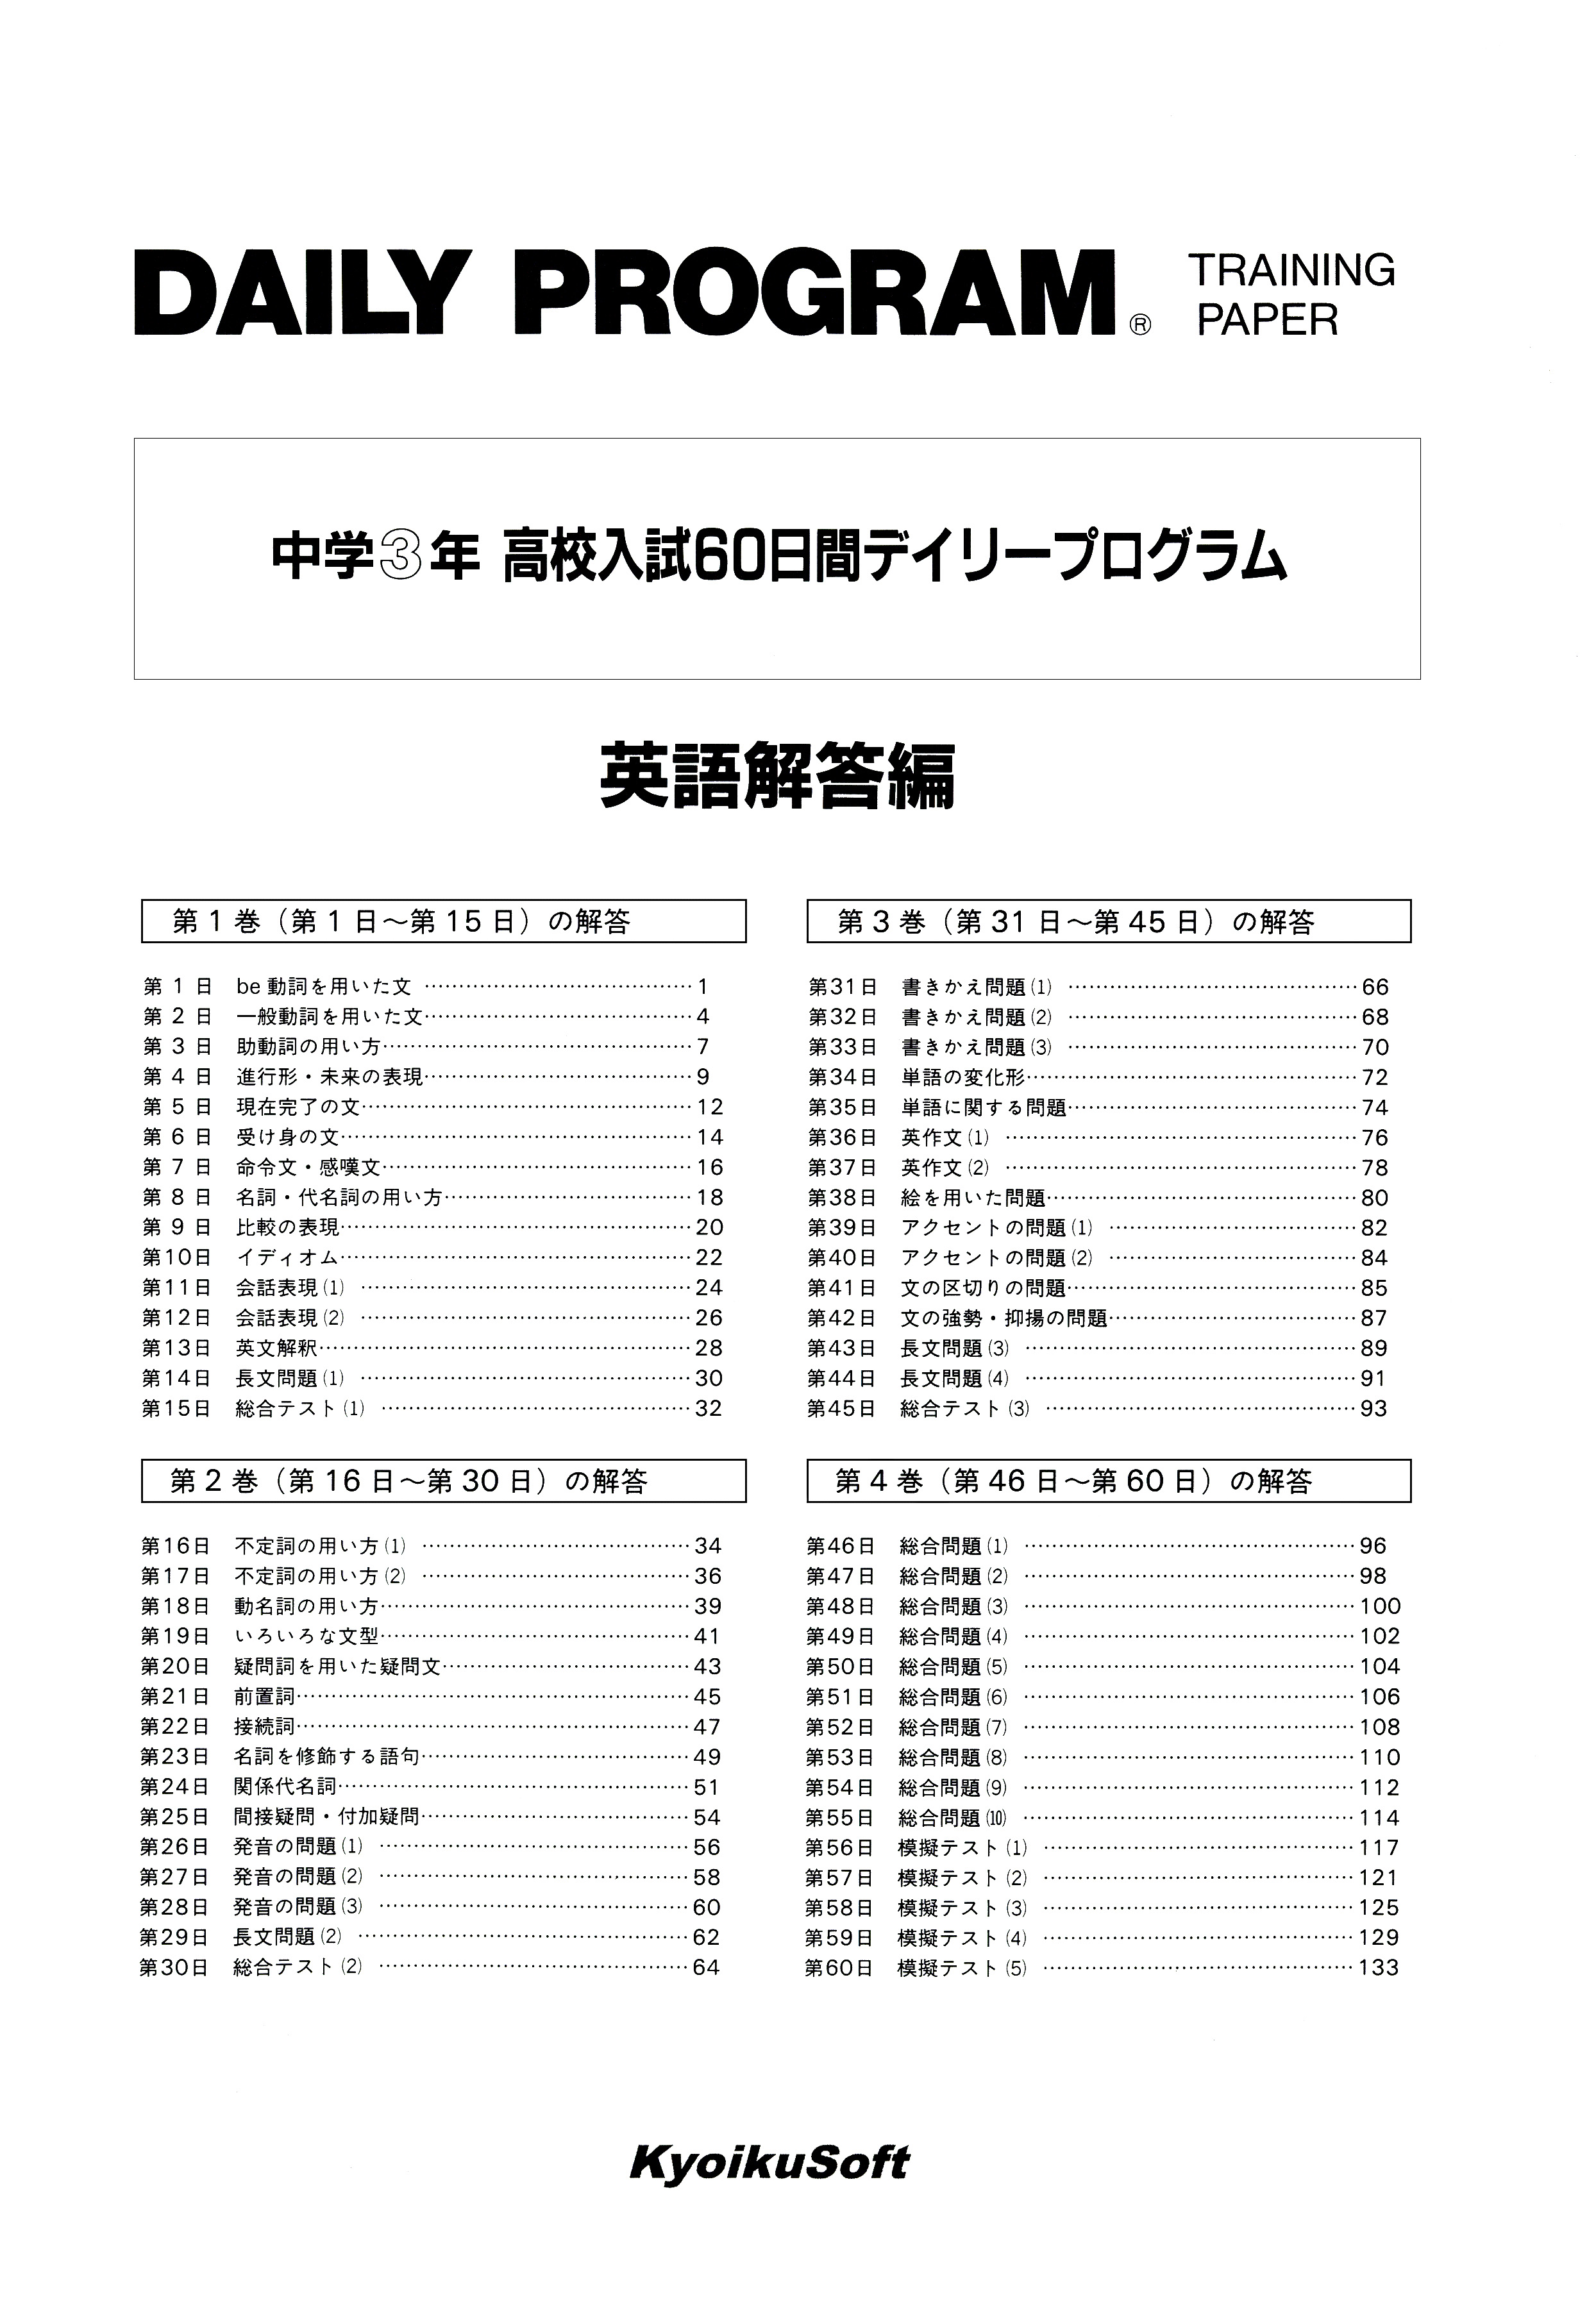 ITEM-DP-0001